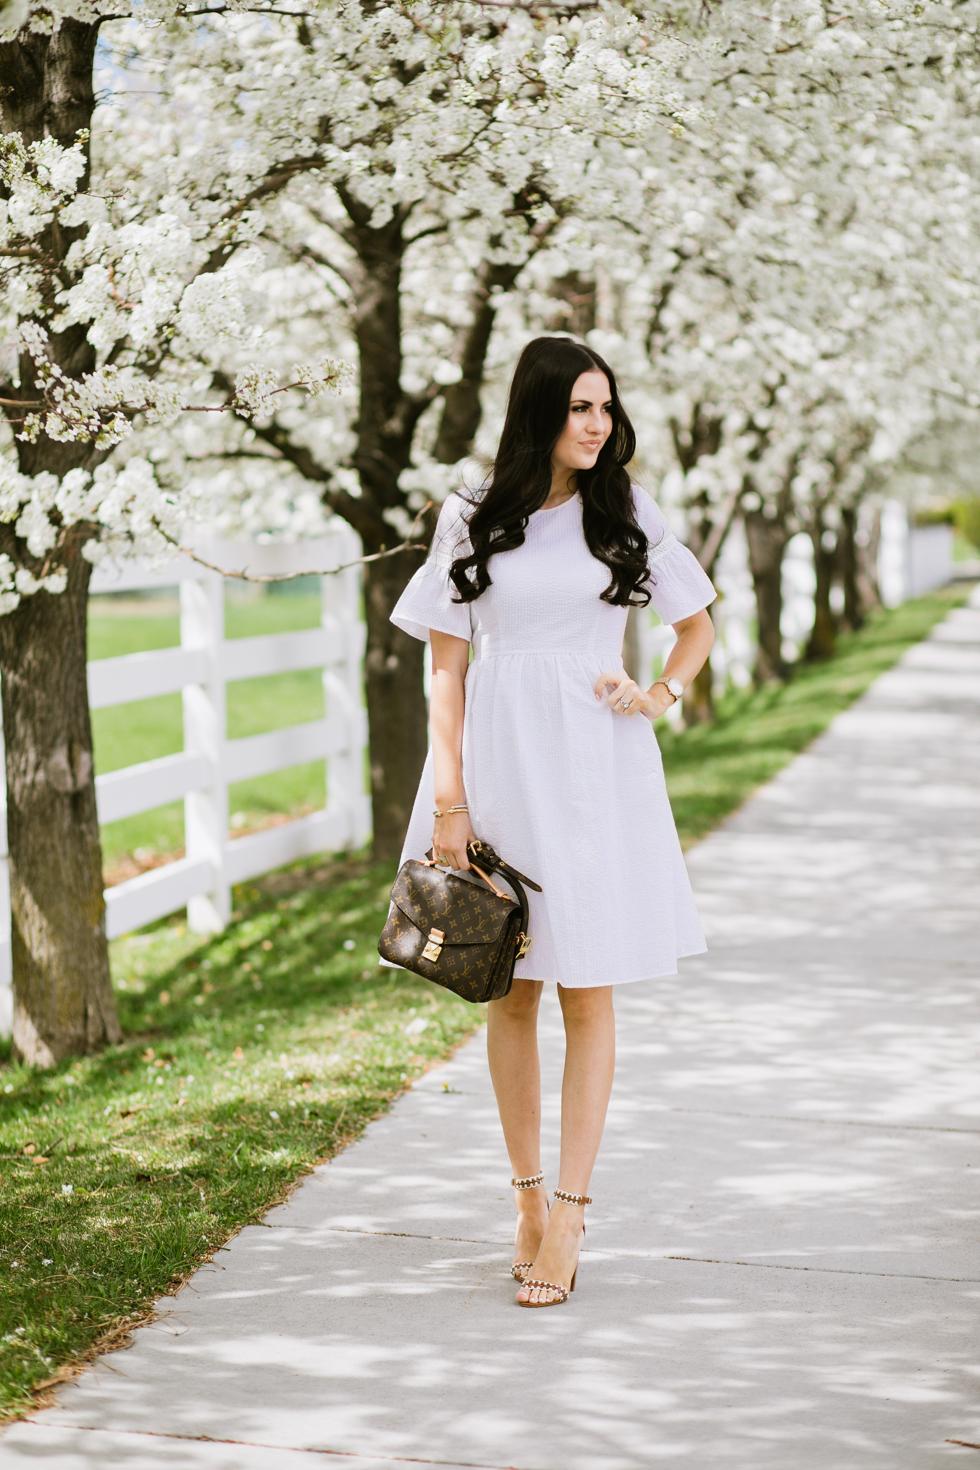 white-seer-sucker-dress-rachel-parcell - 8